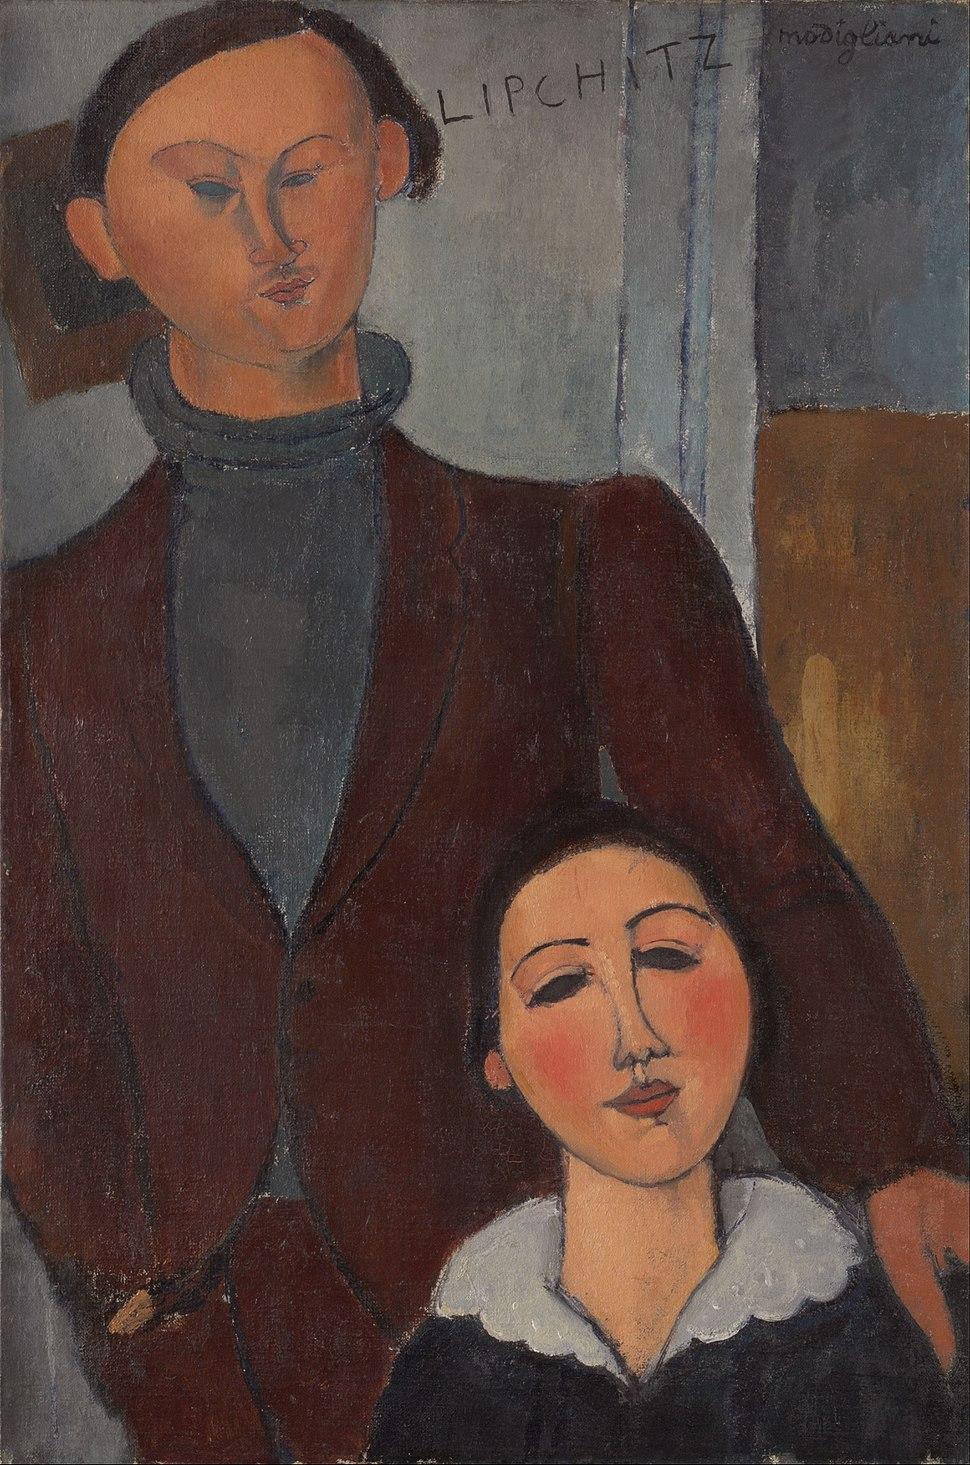 Amedeo Modigliani - Jacques and Berthe Lipchitz - Google Art Project